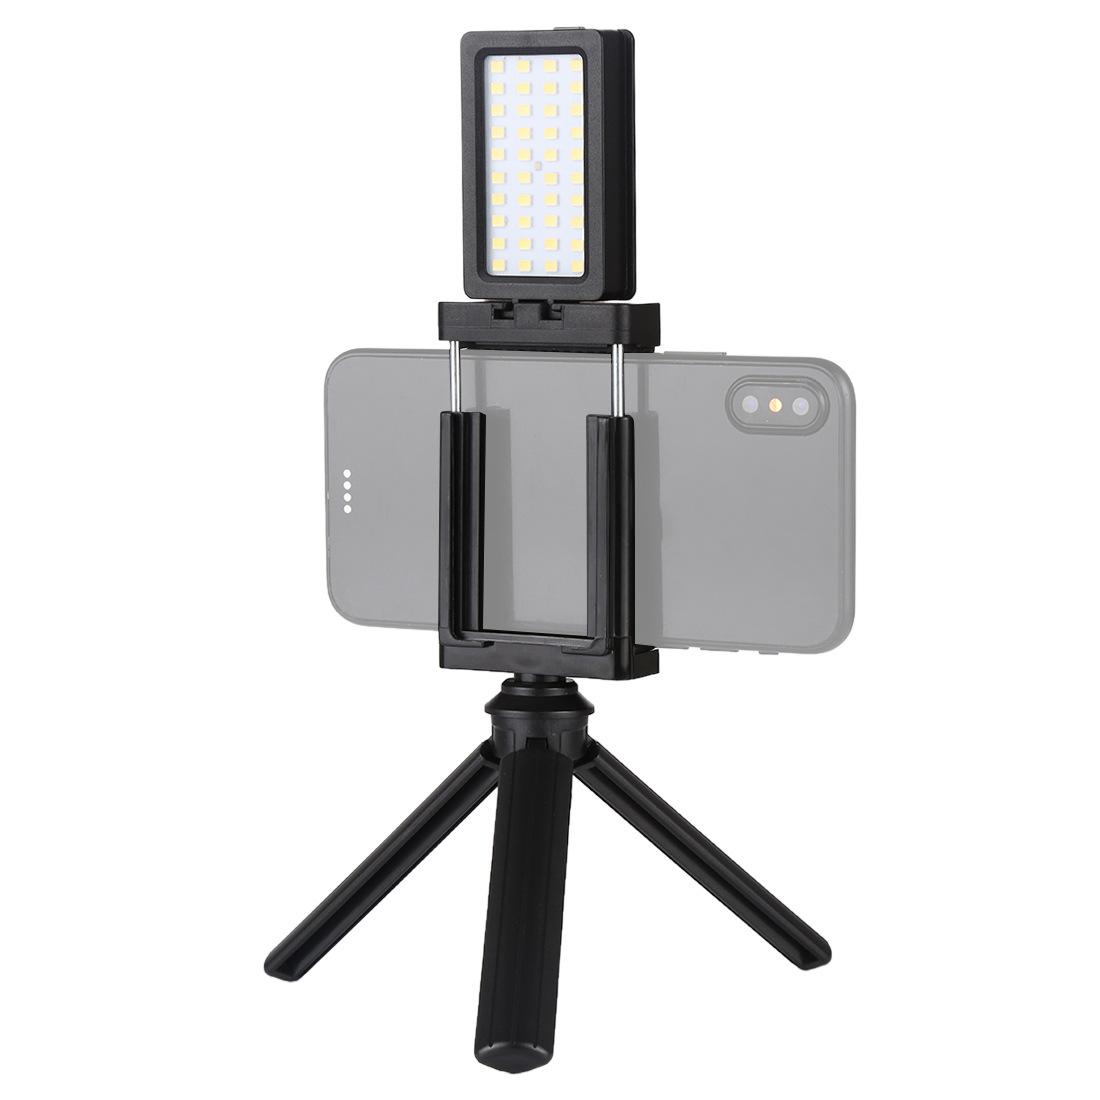 Mobile Phone Live Set Pocket Self-Timer Fill Light Phone Clamp Bracket Mount Desktop Tripod black